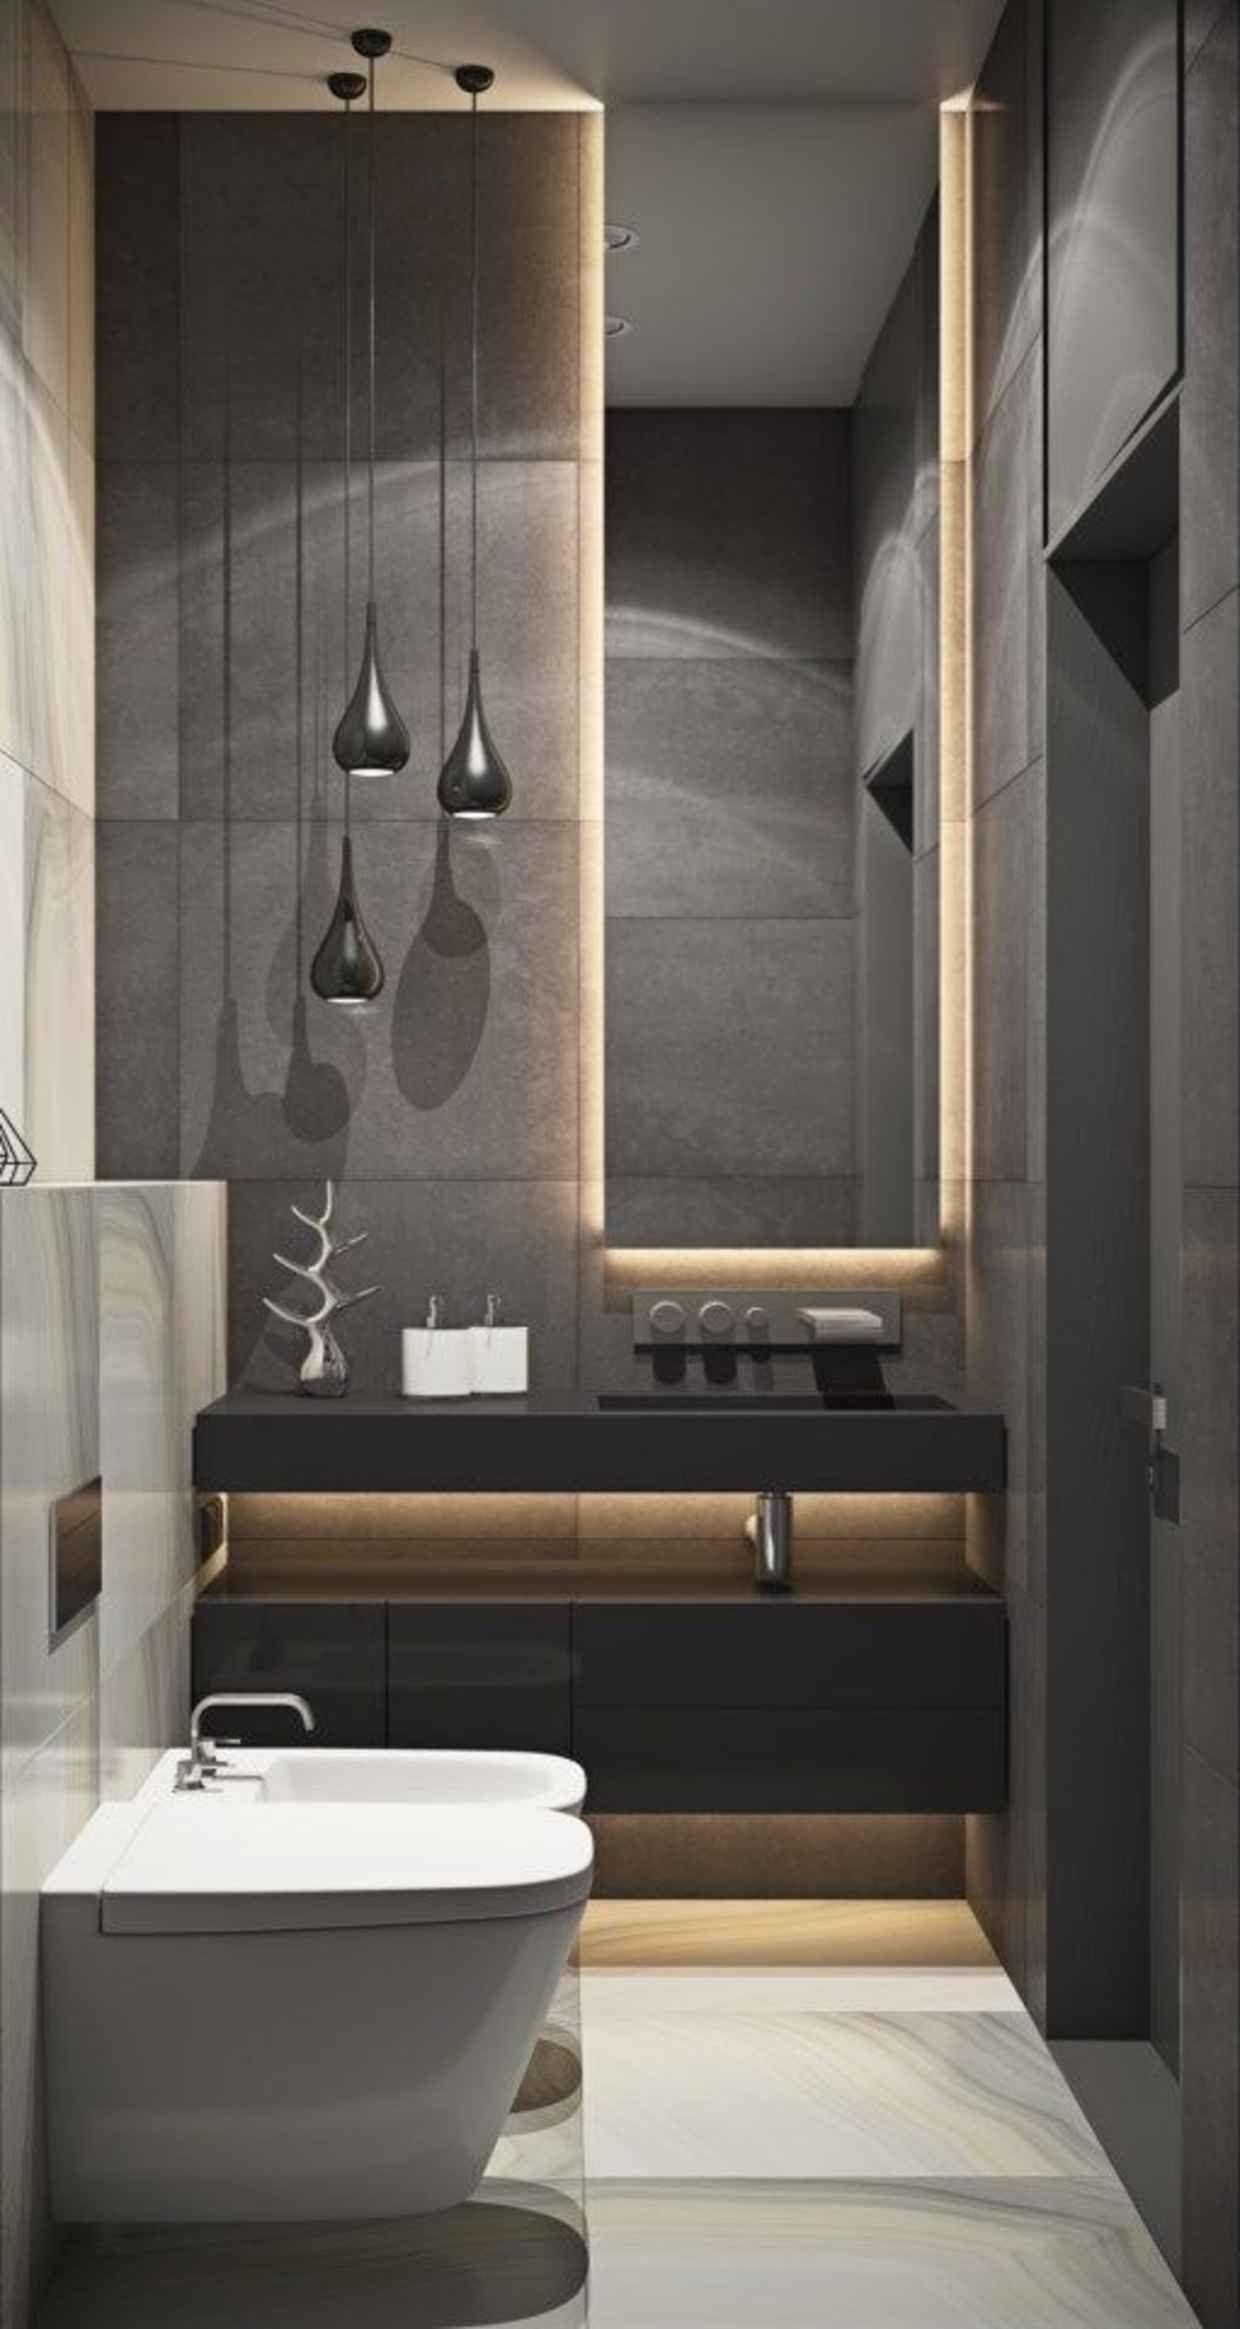 نمونه هایی از زیباترین و مدرن ترین سرویس بهداشتی لوکس و نحوه طراحی آن20